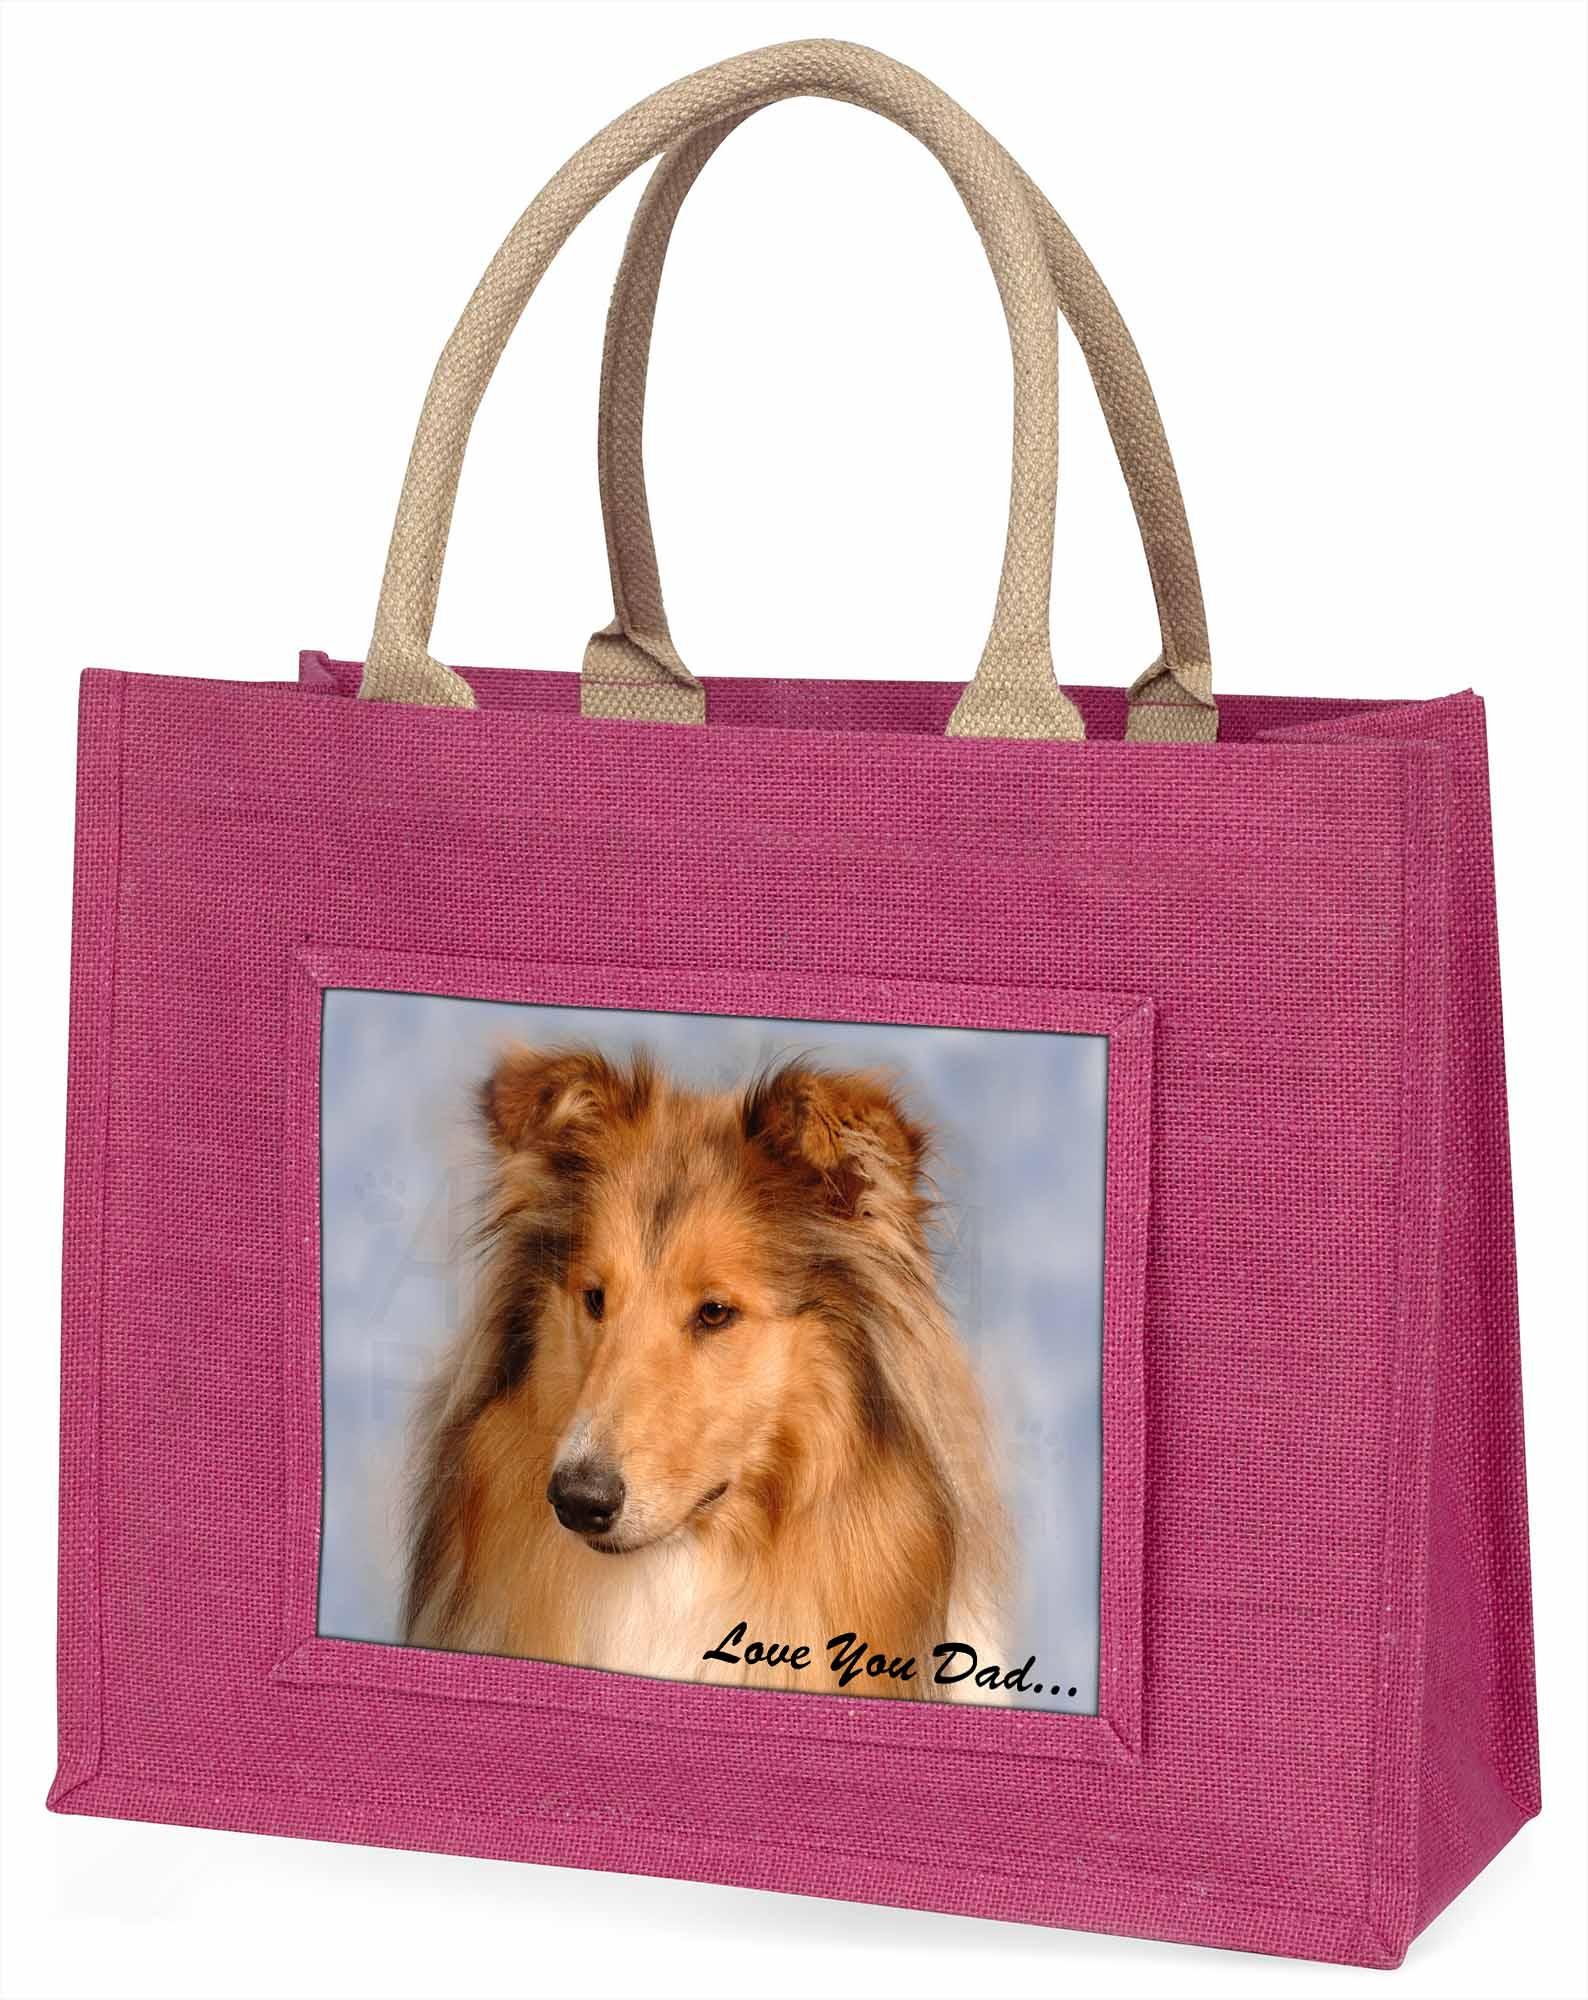 Langhaarcollie' liebe Dich Papa' große rosa Einkaufstasche Weihnachtsgeschenk,